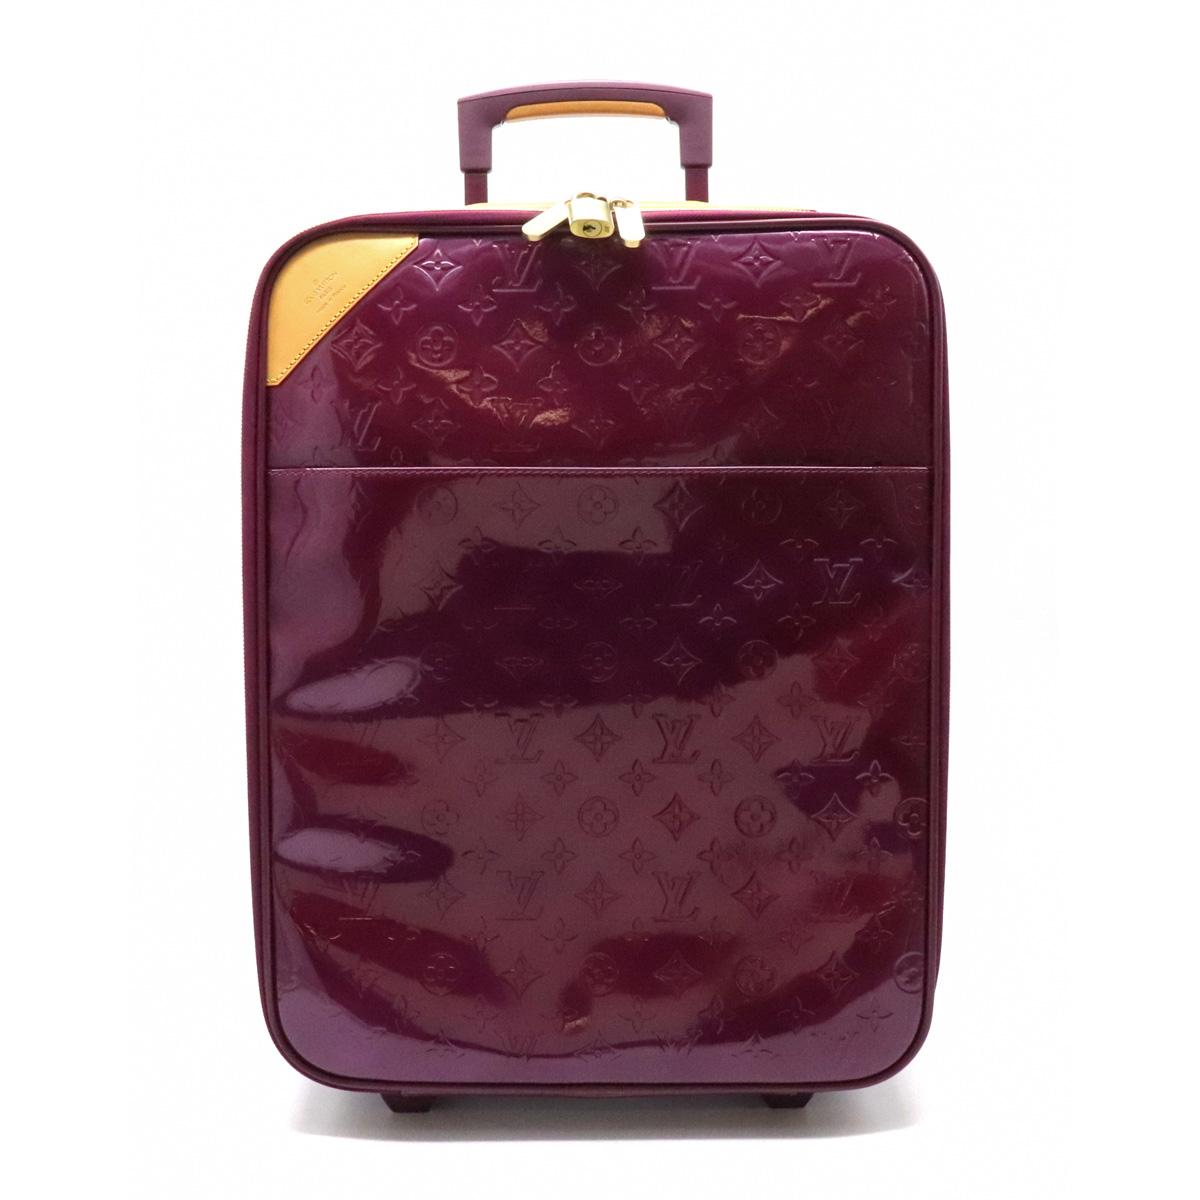 【バッグ】LOUIS VUITTON ルイ ヴィトン モノグラムヴェルニ ペガス45 スーツケース キャリーバッグ トラベルケース 旅行 エナメル ヴィオレット 【中古】